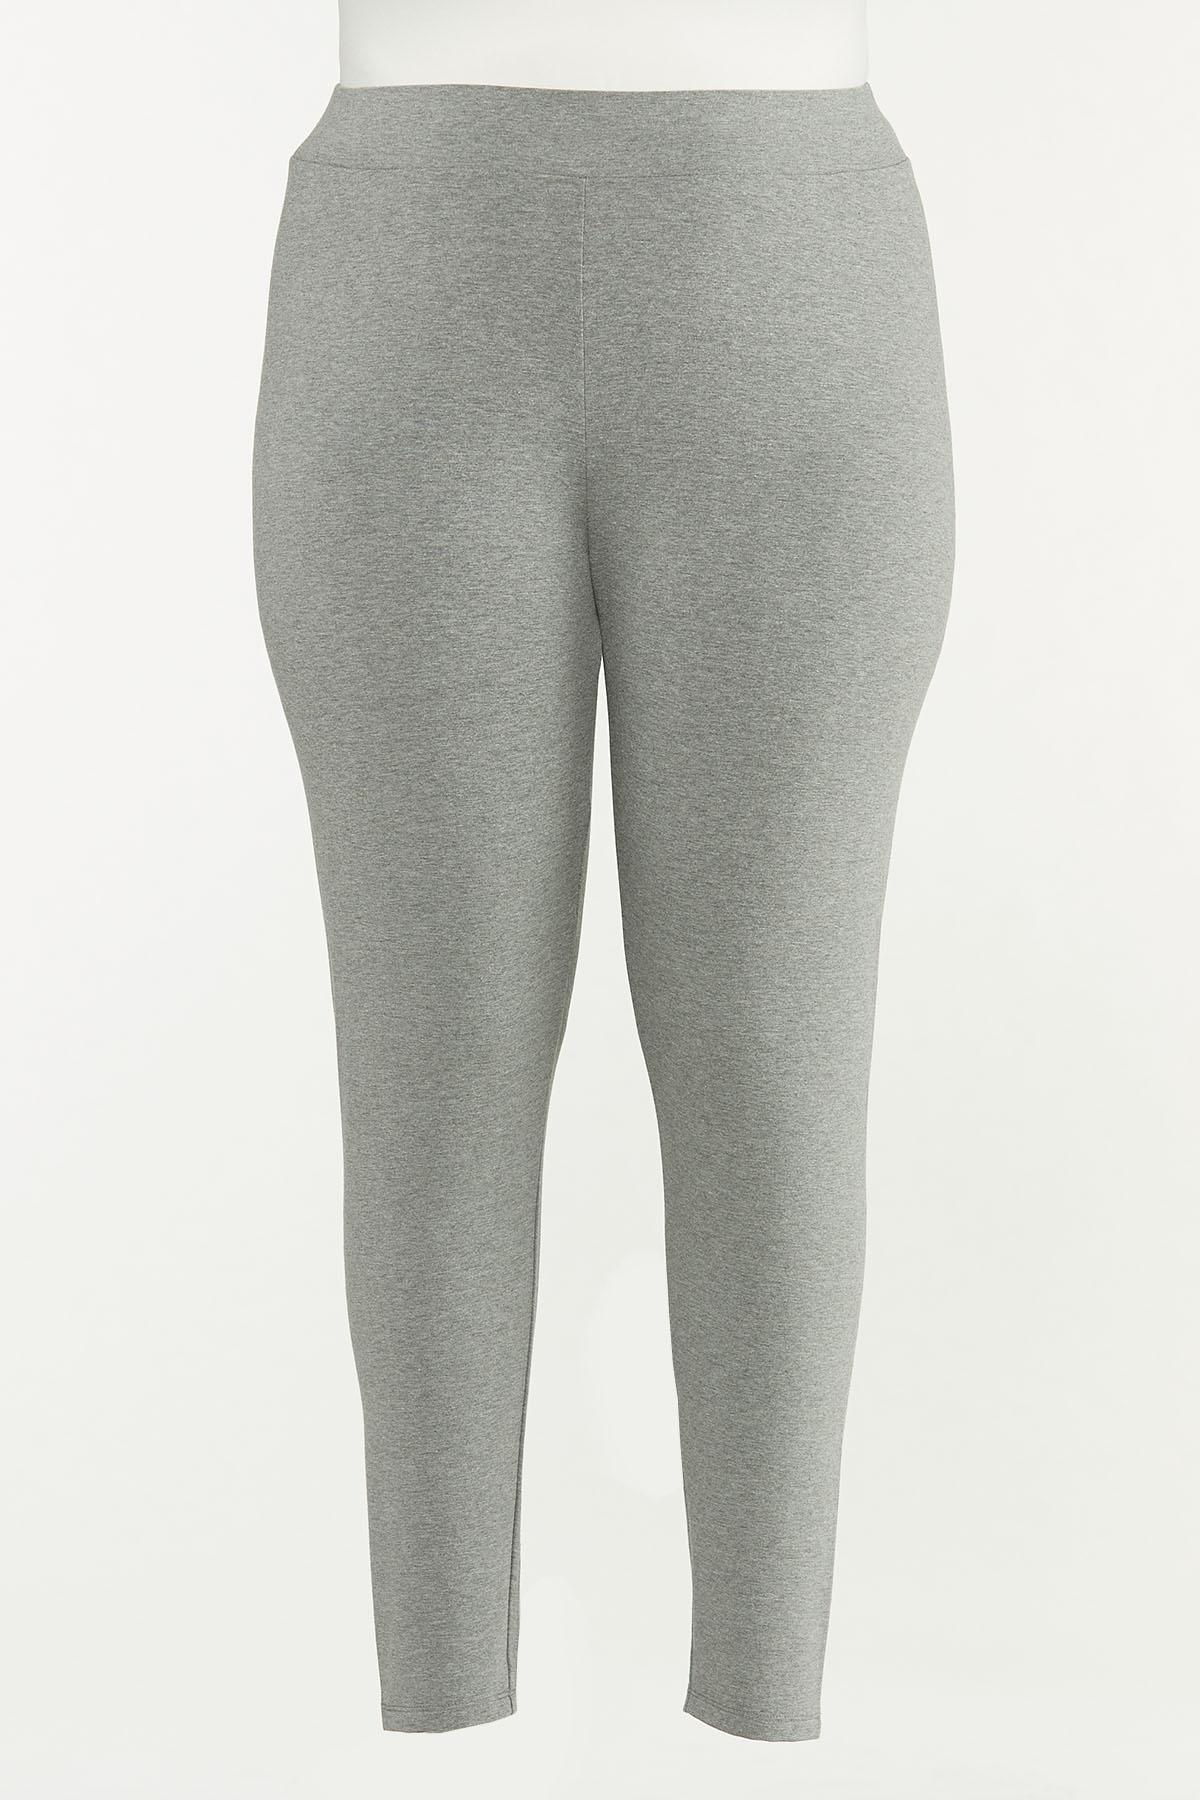 Plus Size Solid Leggings